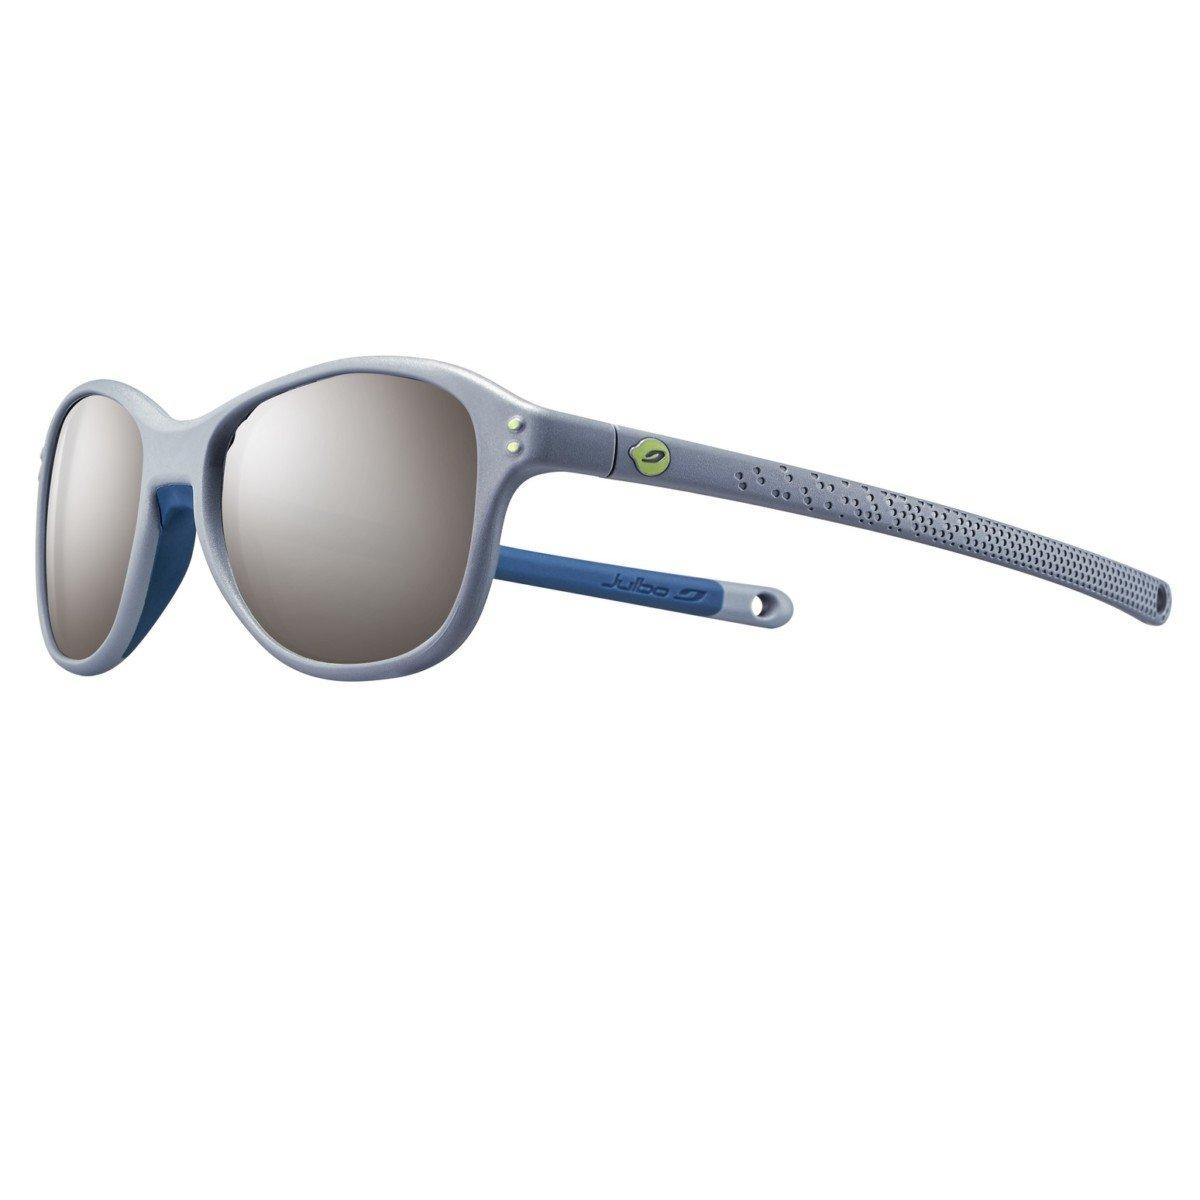 braderie prix le plus bas complet dans les spécifications Julbo Boomerang Gris Foncé/Bleu SP3+, lunette de soleil enfant 4-6 ans.